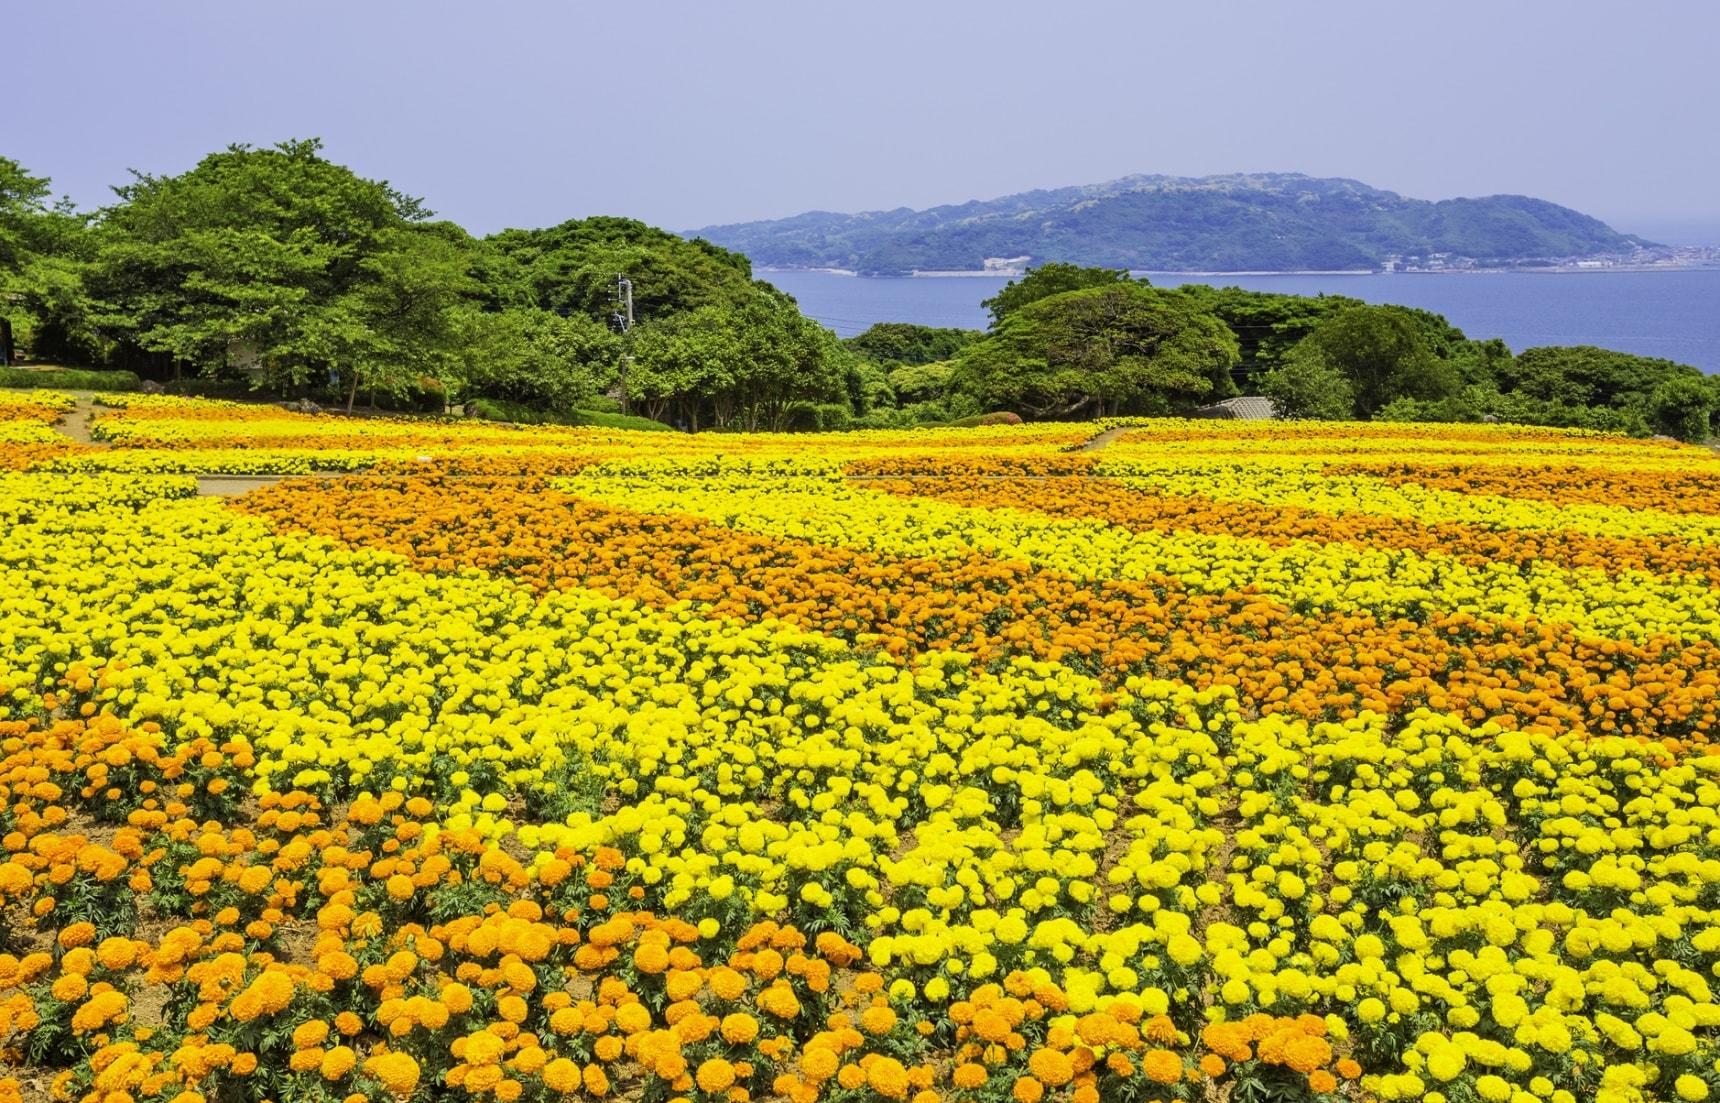 พักตาพักใจที่เกาะดอกไม้ โนโกะโนะชิมะ